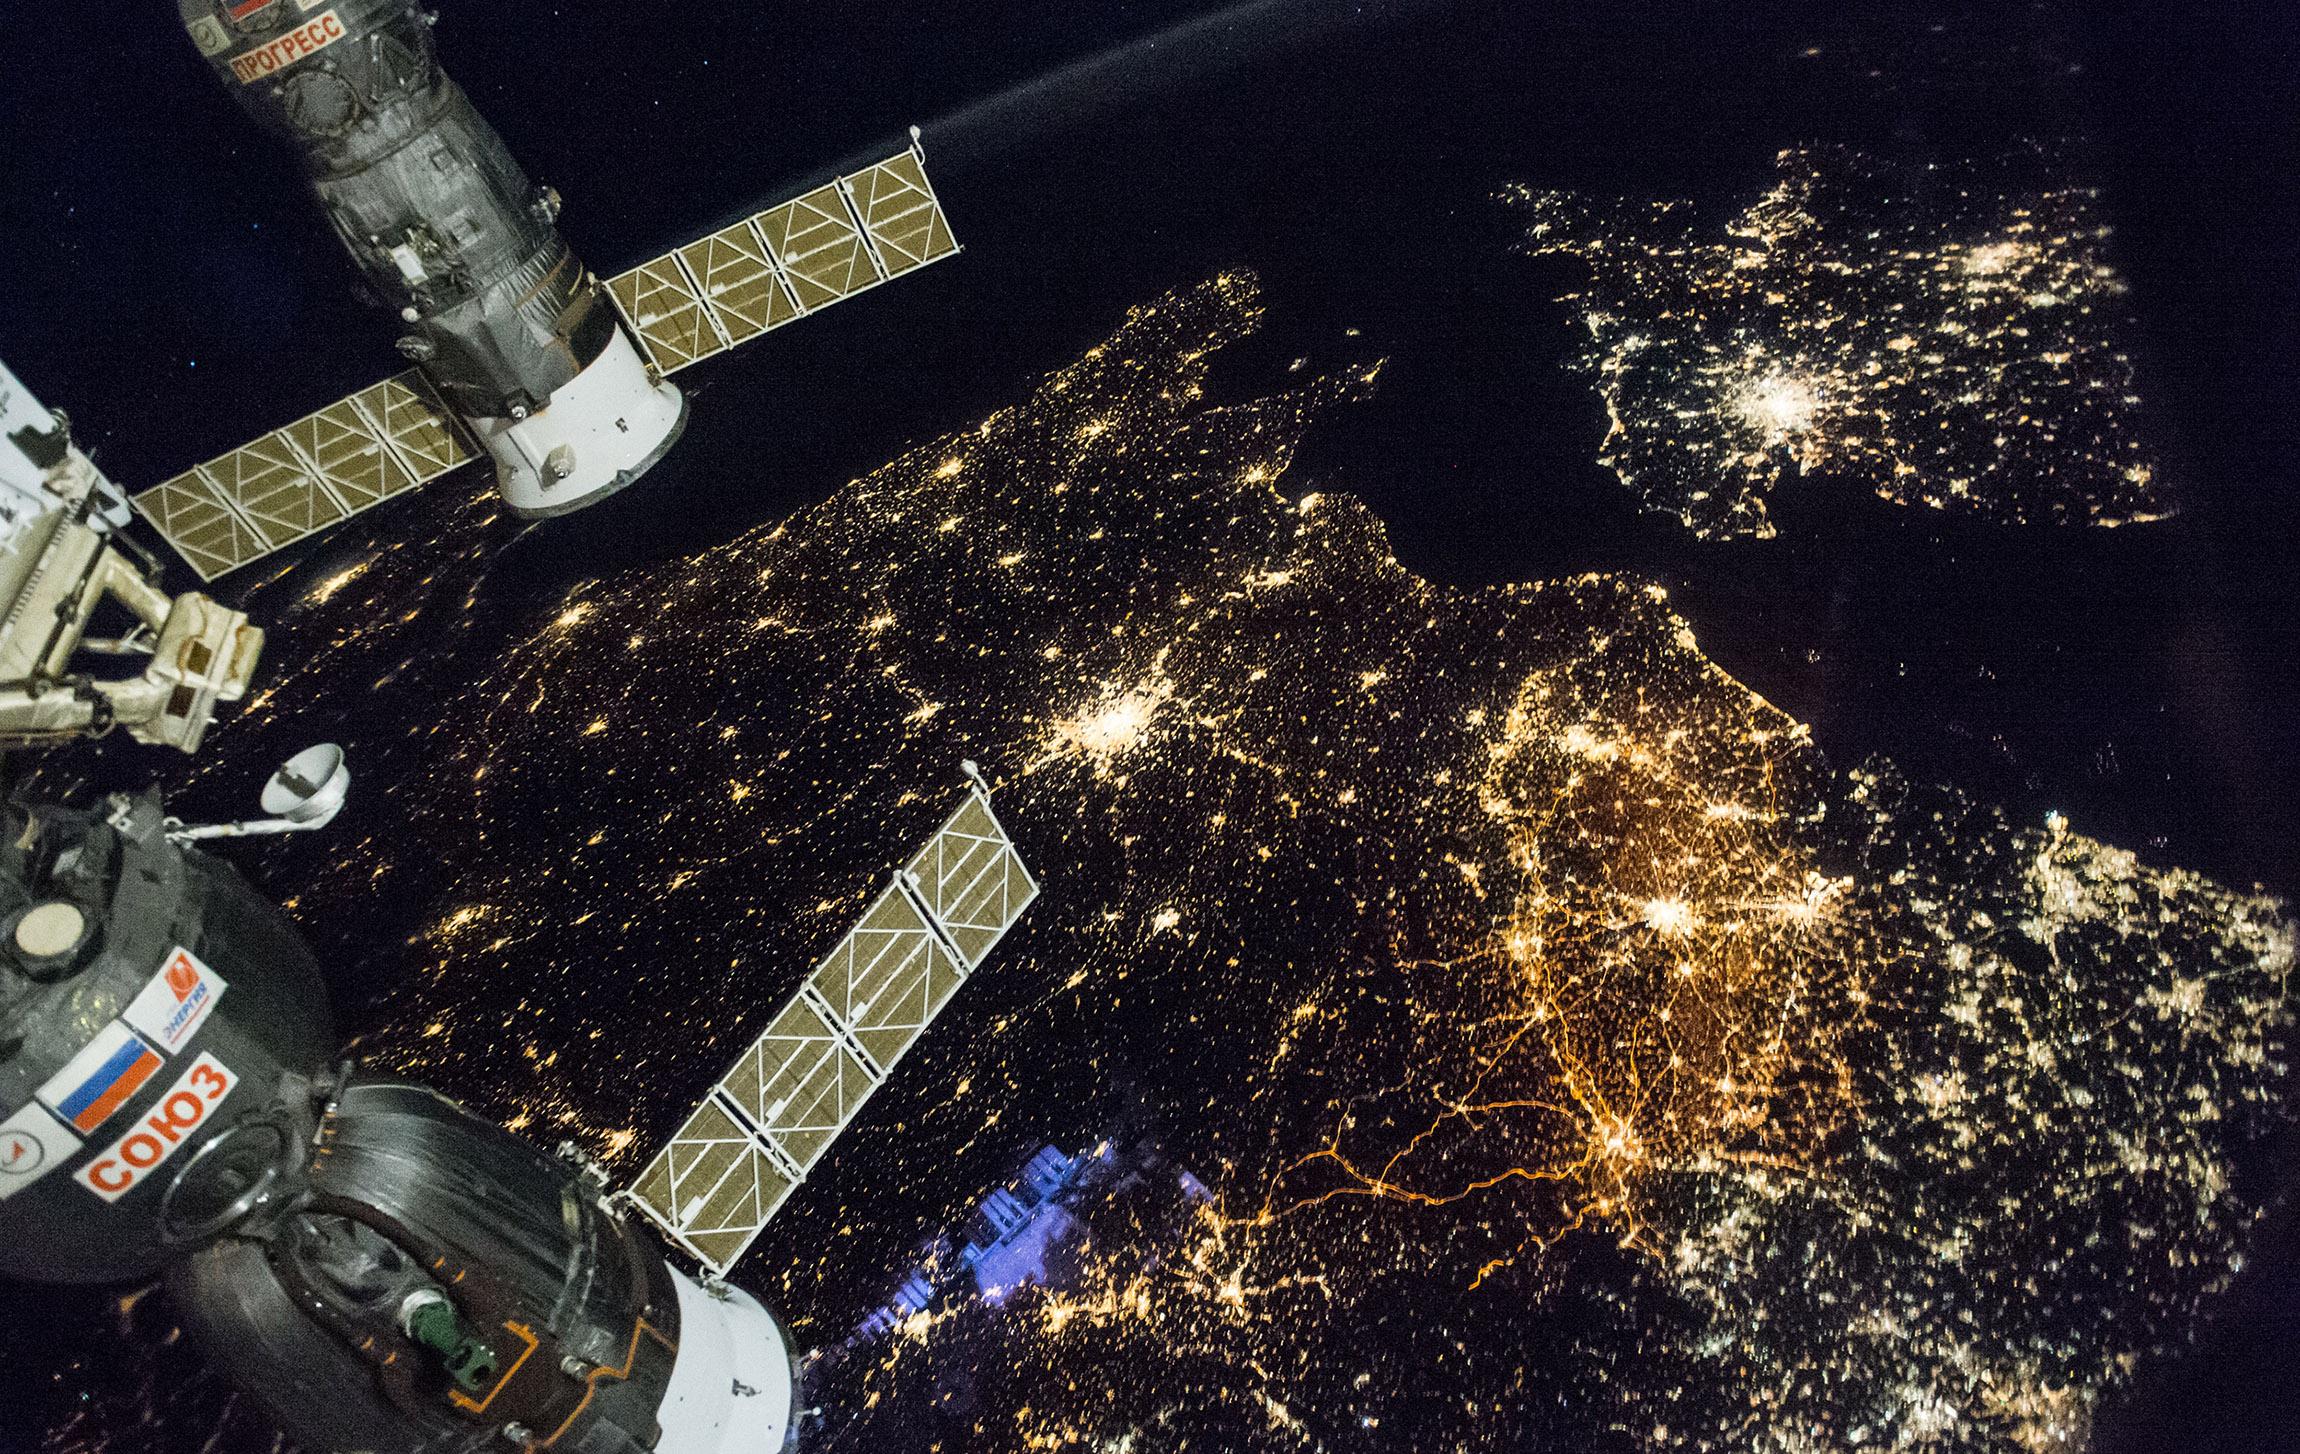 фото россии из орбитальной станции видеопроката фотопроката